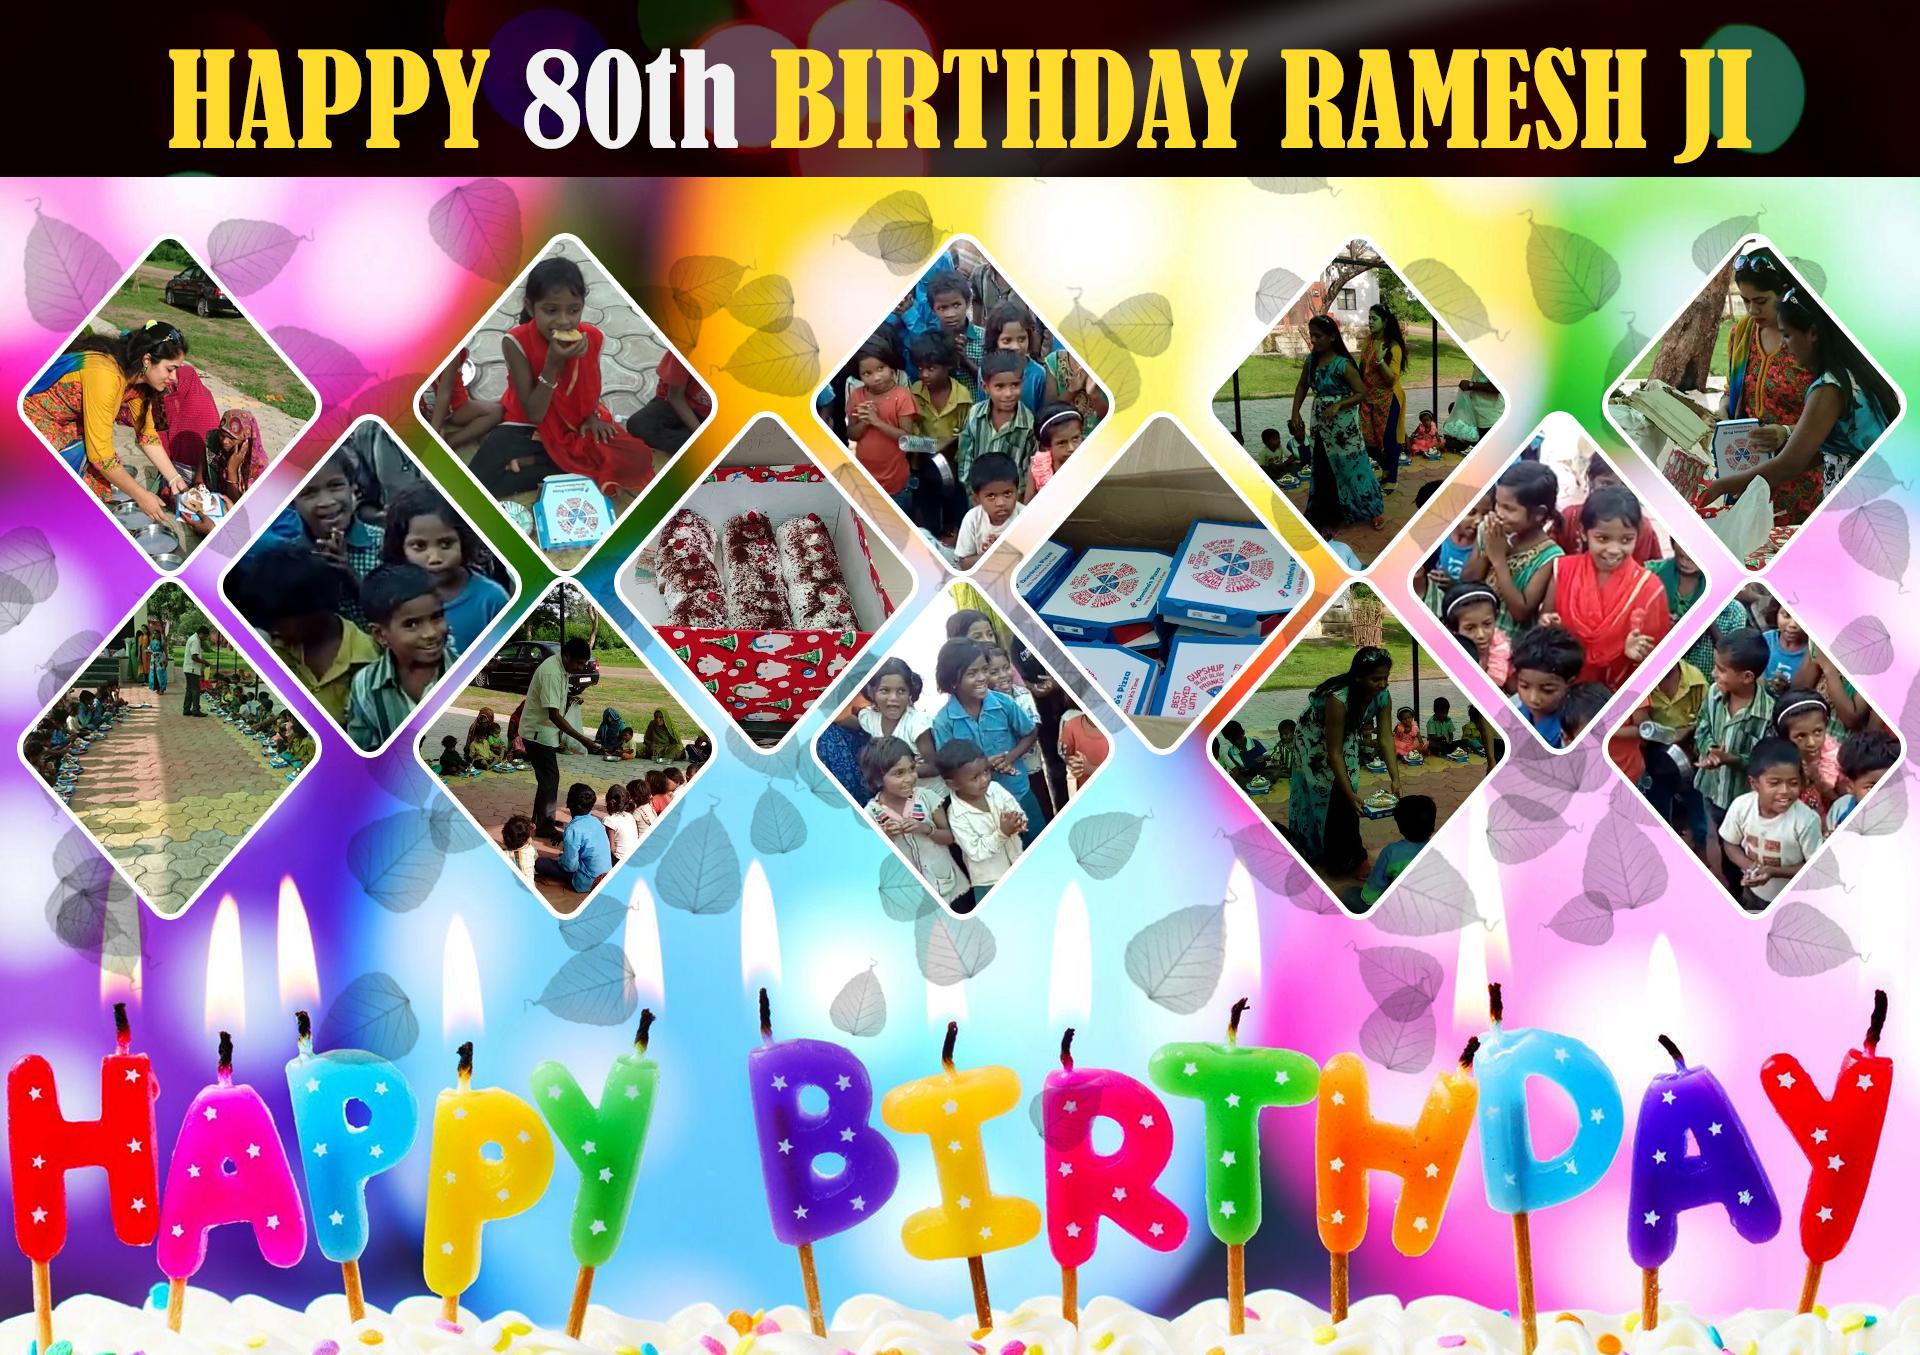 RameshJi-birthday-cake